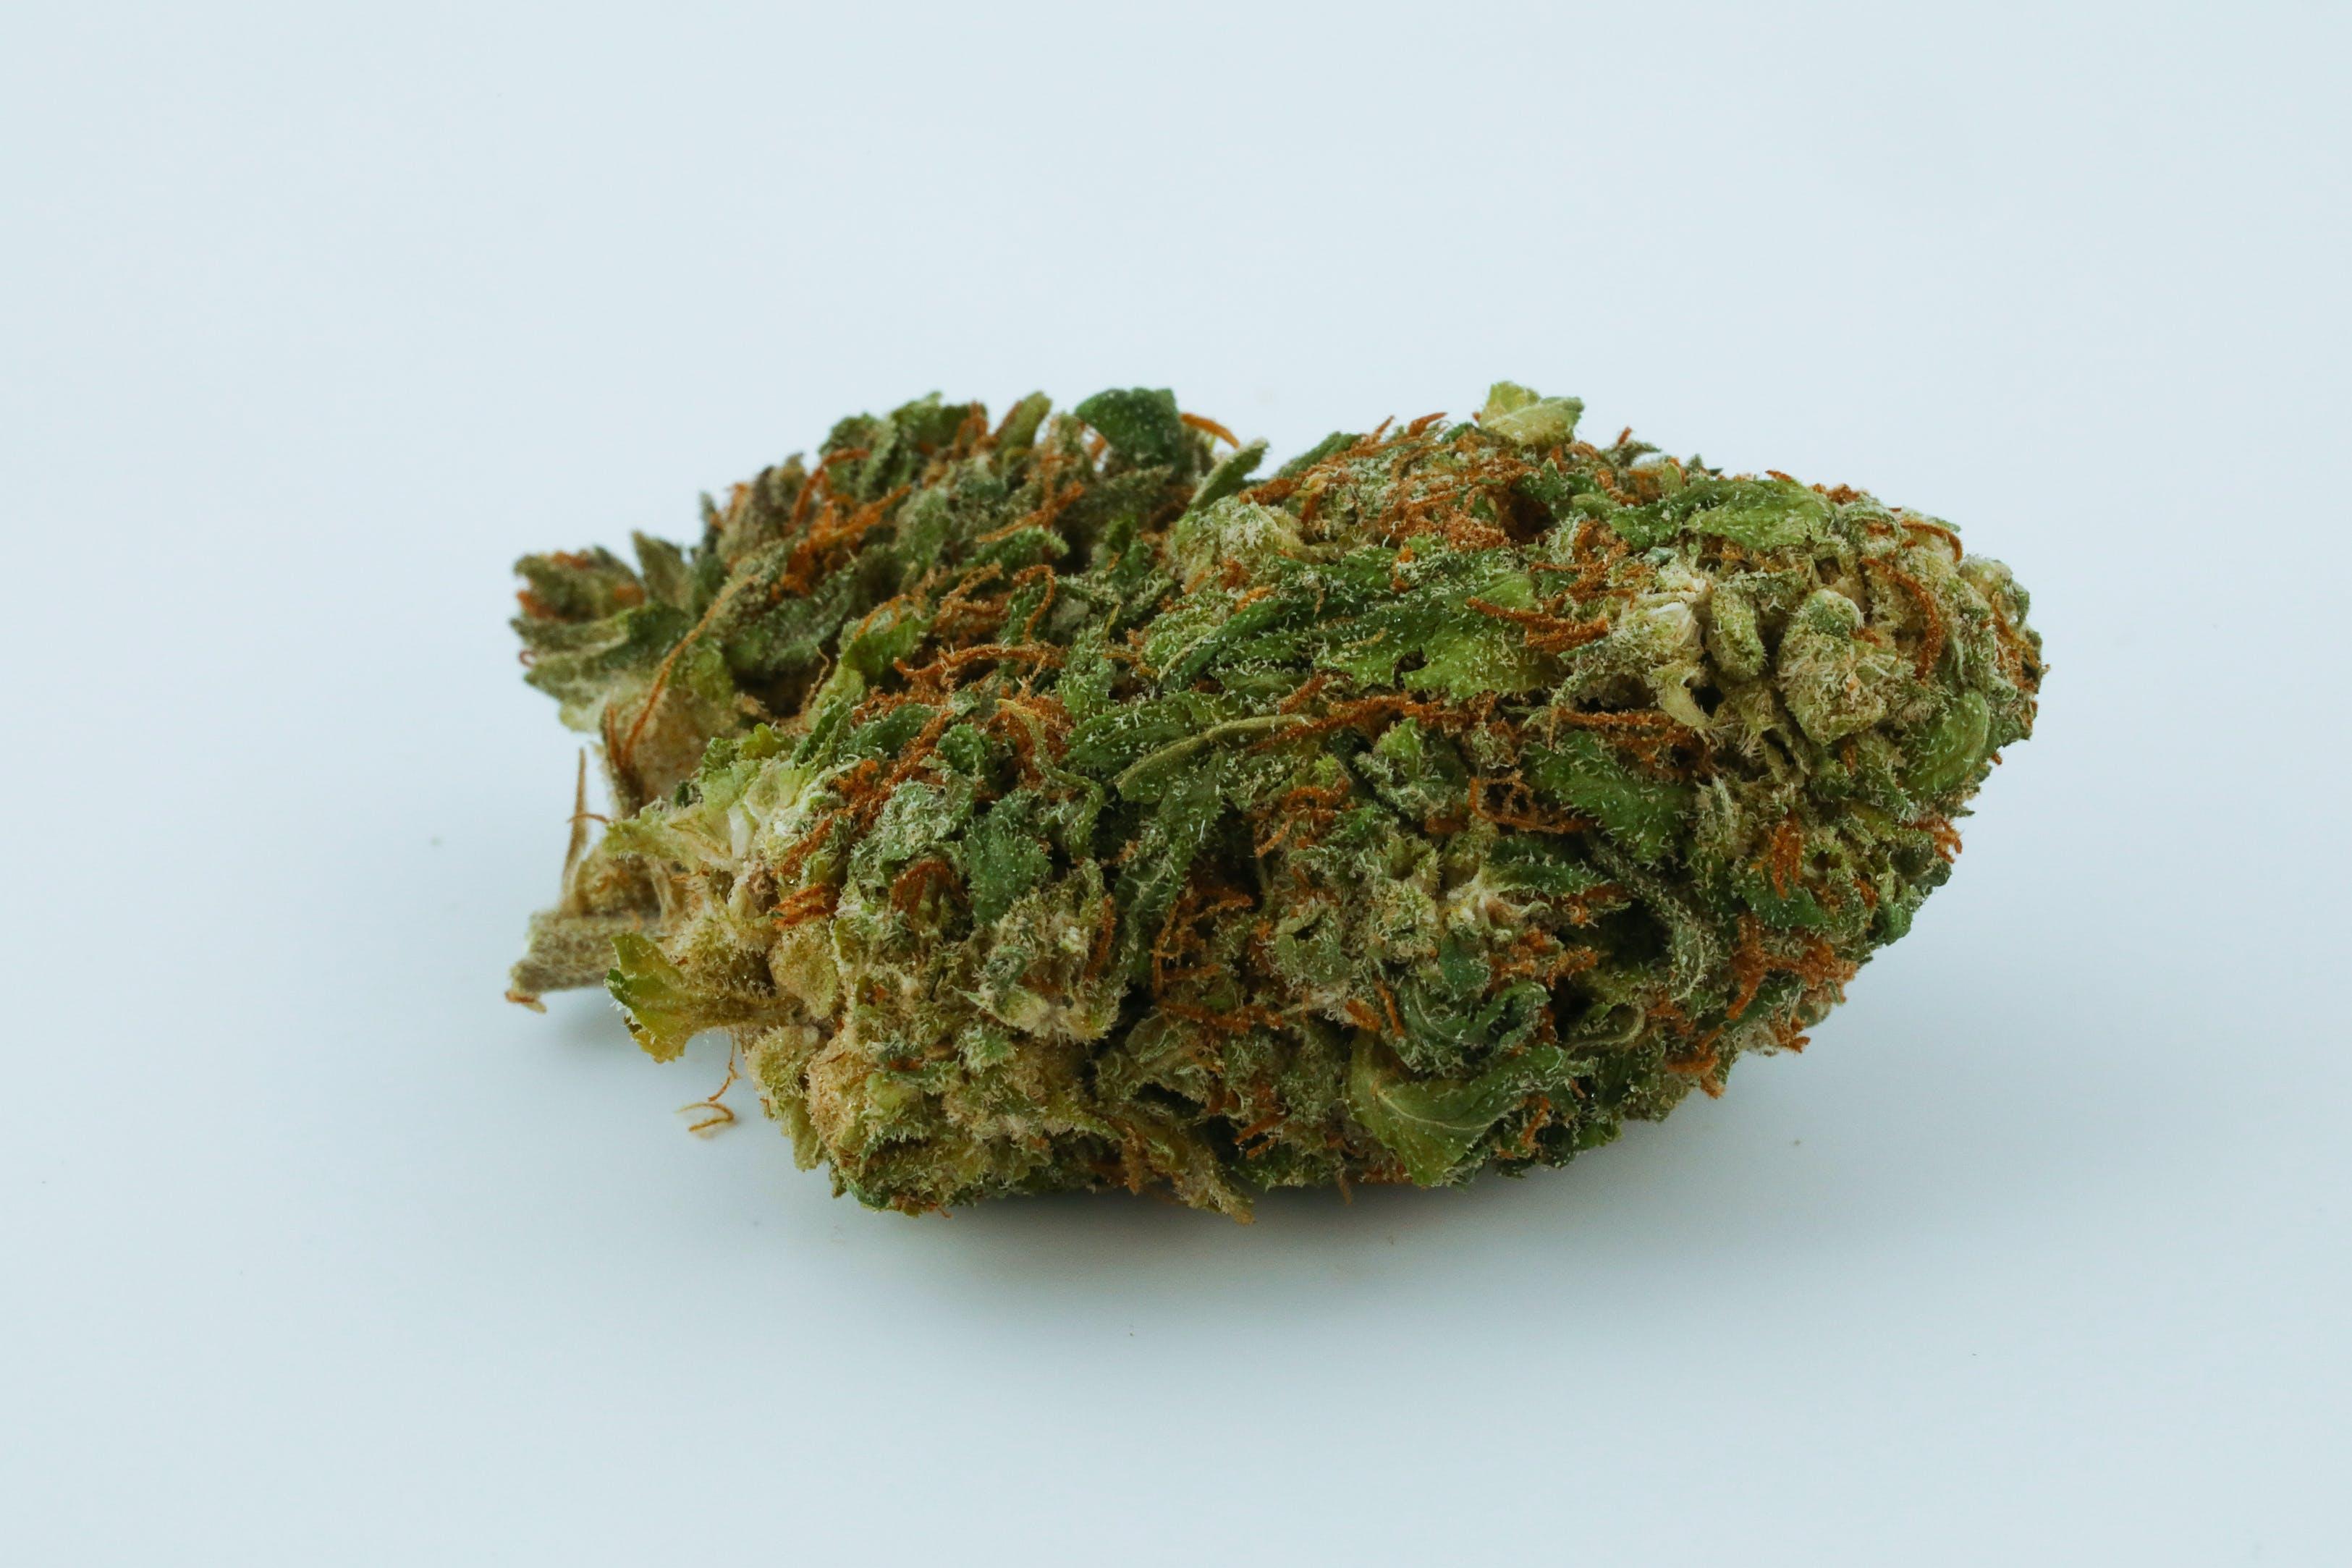 UK Cheese Weed; UK Cheese Cannabis Strain; UK Cheese Hybrid Marijuana Strain